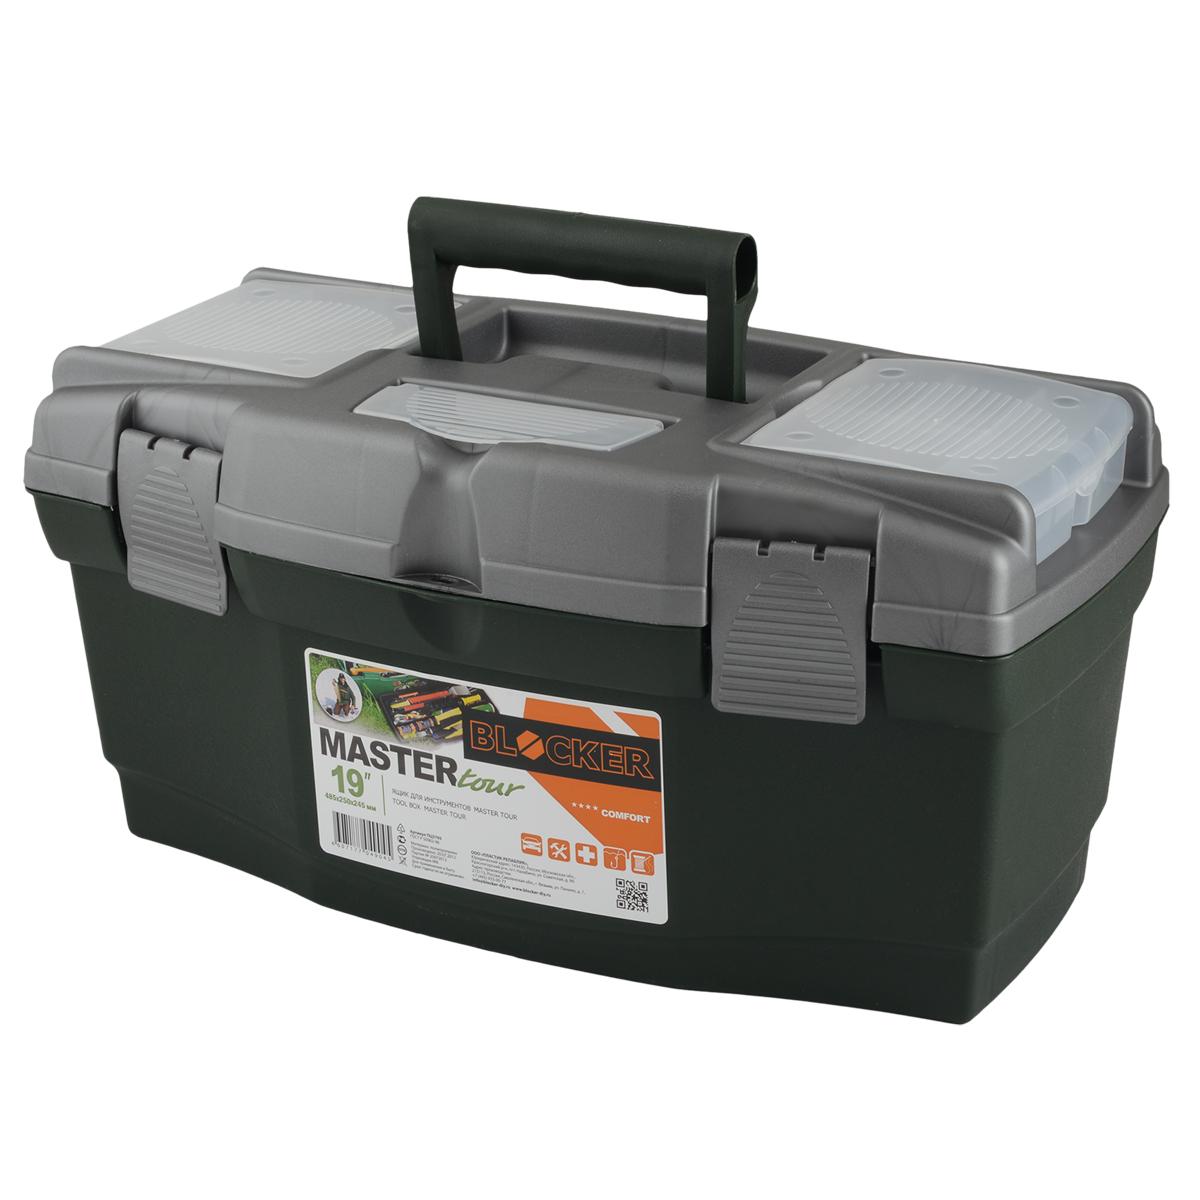 Ящик для инструментов Blocker Master Tour, цвет: темно-зеленый, 485 х 250 х 245 ммПЦ3705-НТЗЛ-7РSМногофункциональный ящик Blocker Master Tour отлично подходит для хранения небольших рыболовных и охотничьих принадлежностей, может быть использован для переноски мангала, посуды и многих вещей, которые могут понадобиться на отдыхе или в путешествии. Ящик имеет надежные замки и встроенные органайзеры в крышке для размещения мелких деталей.